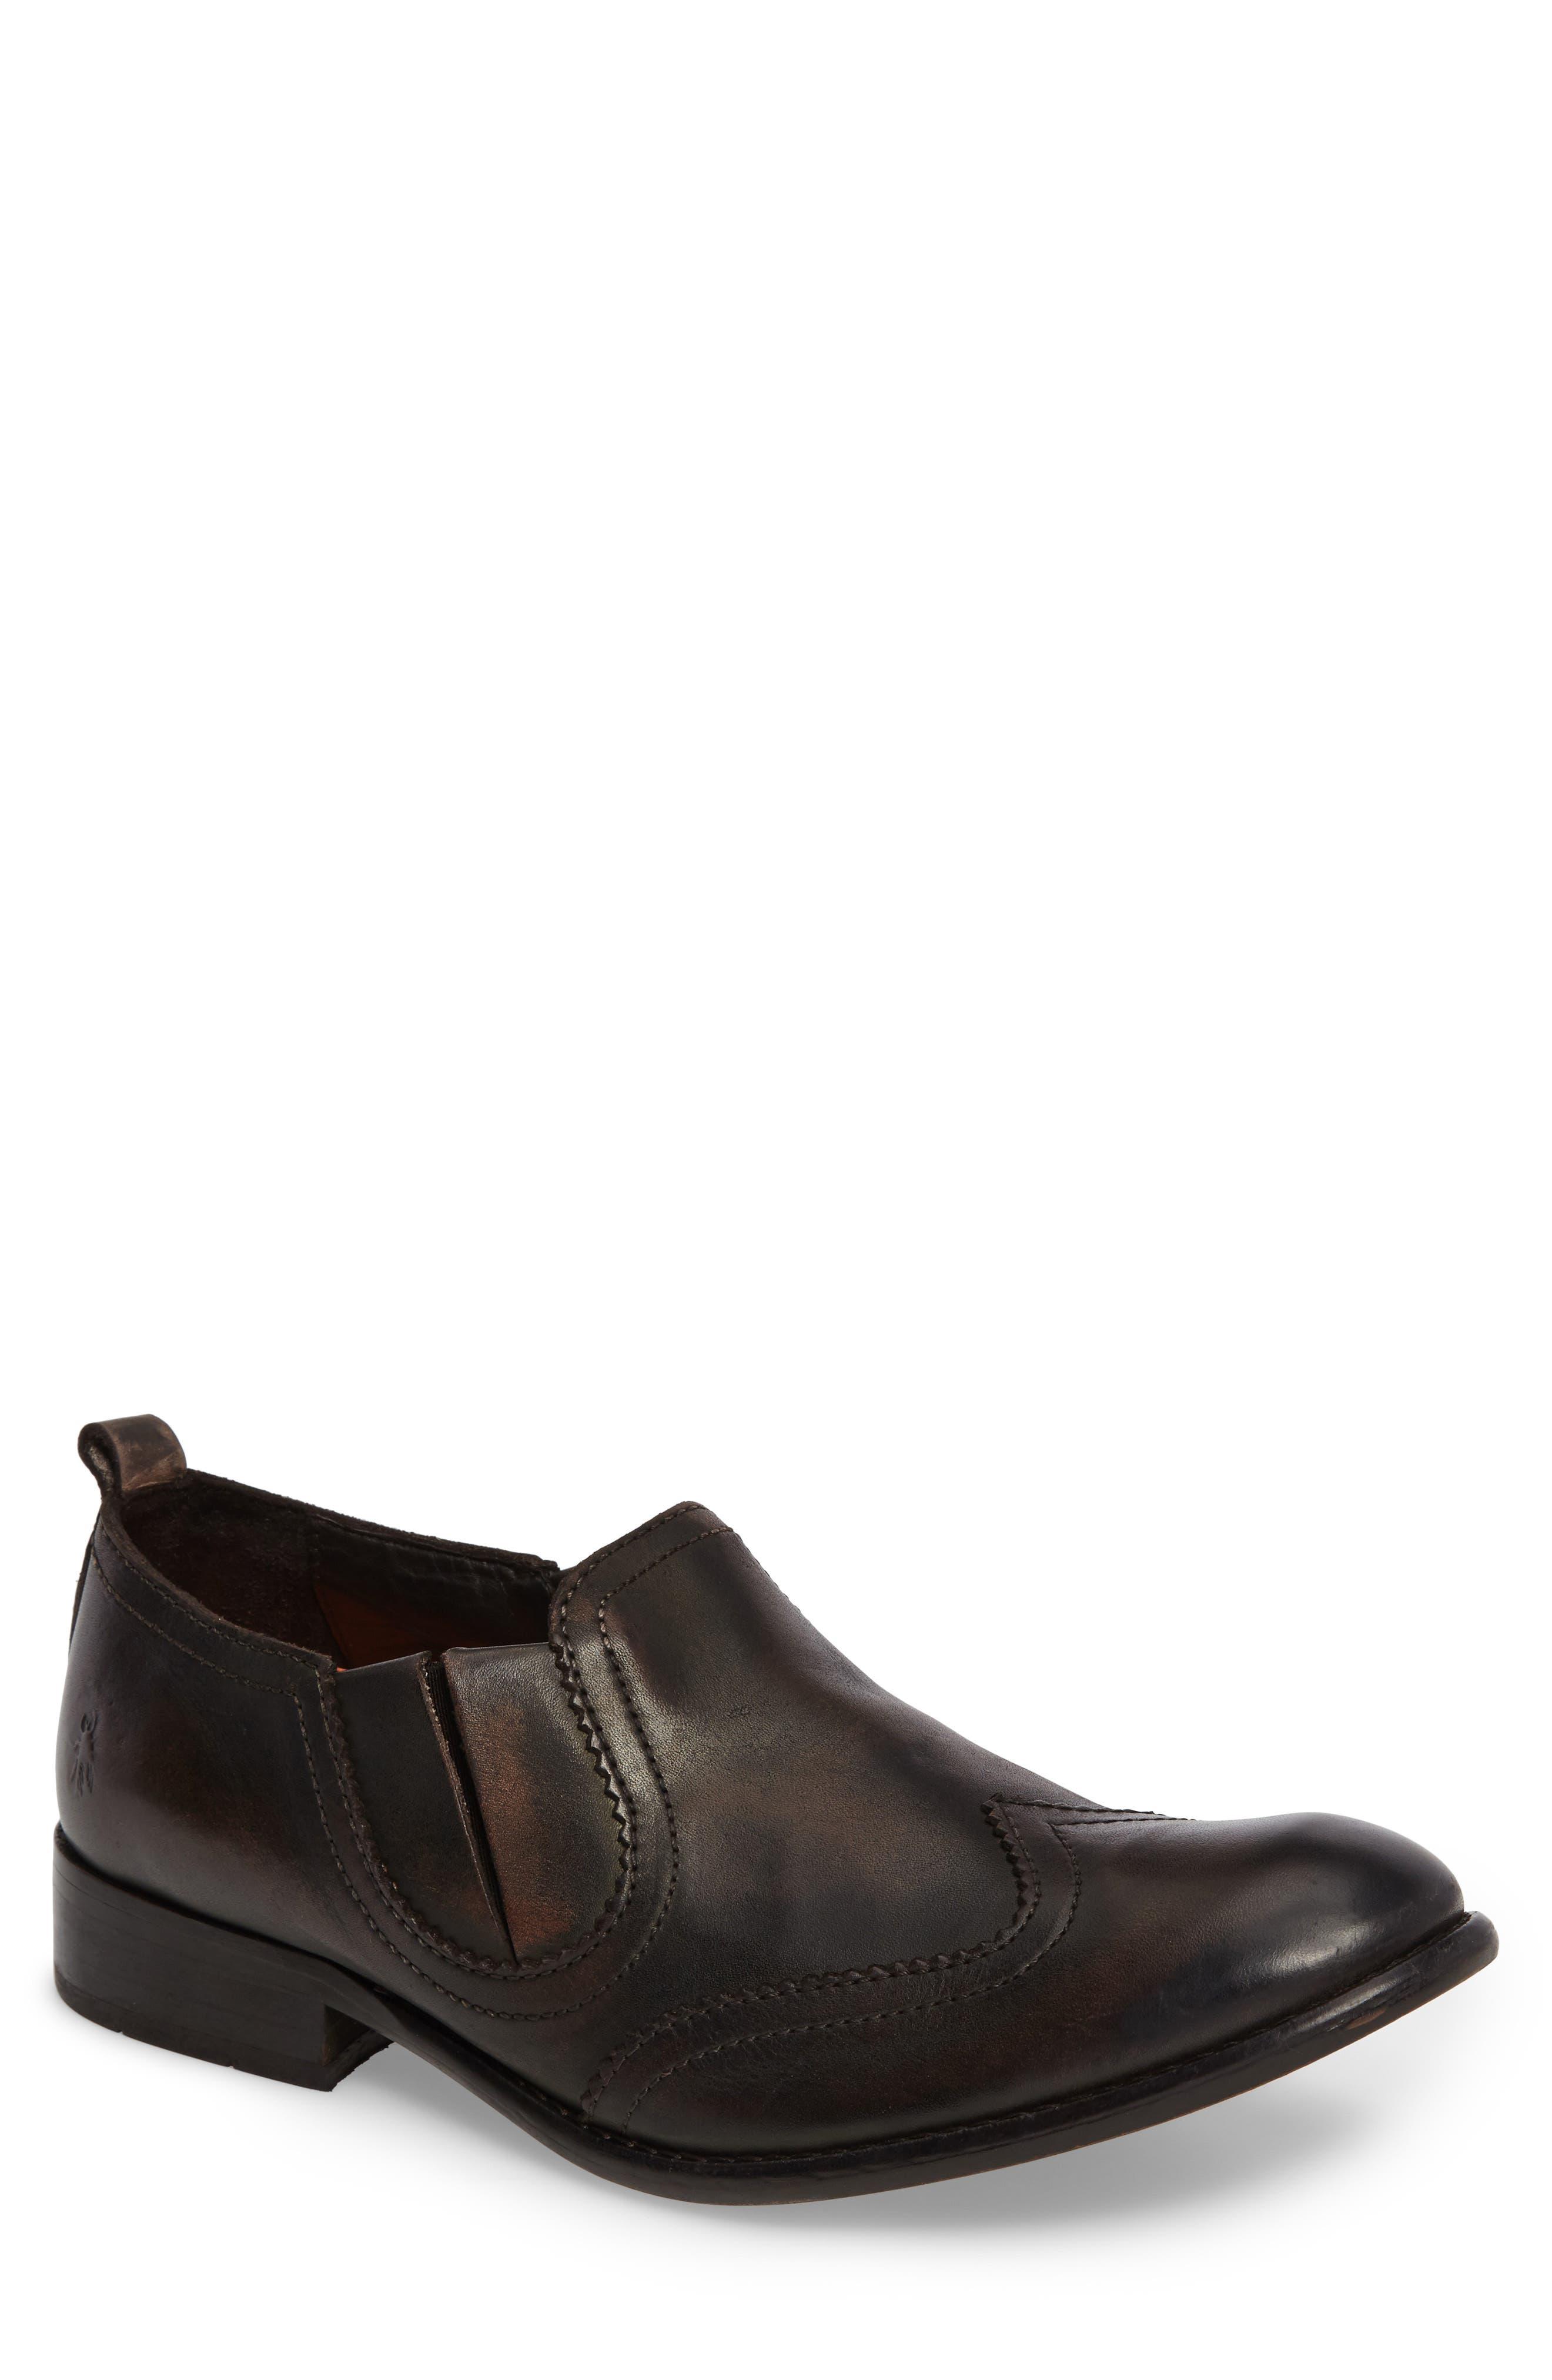 Wyat Wingtip Slip-On Loafer,                         Main,                         color, Dark Brown